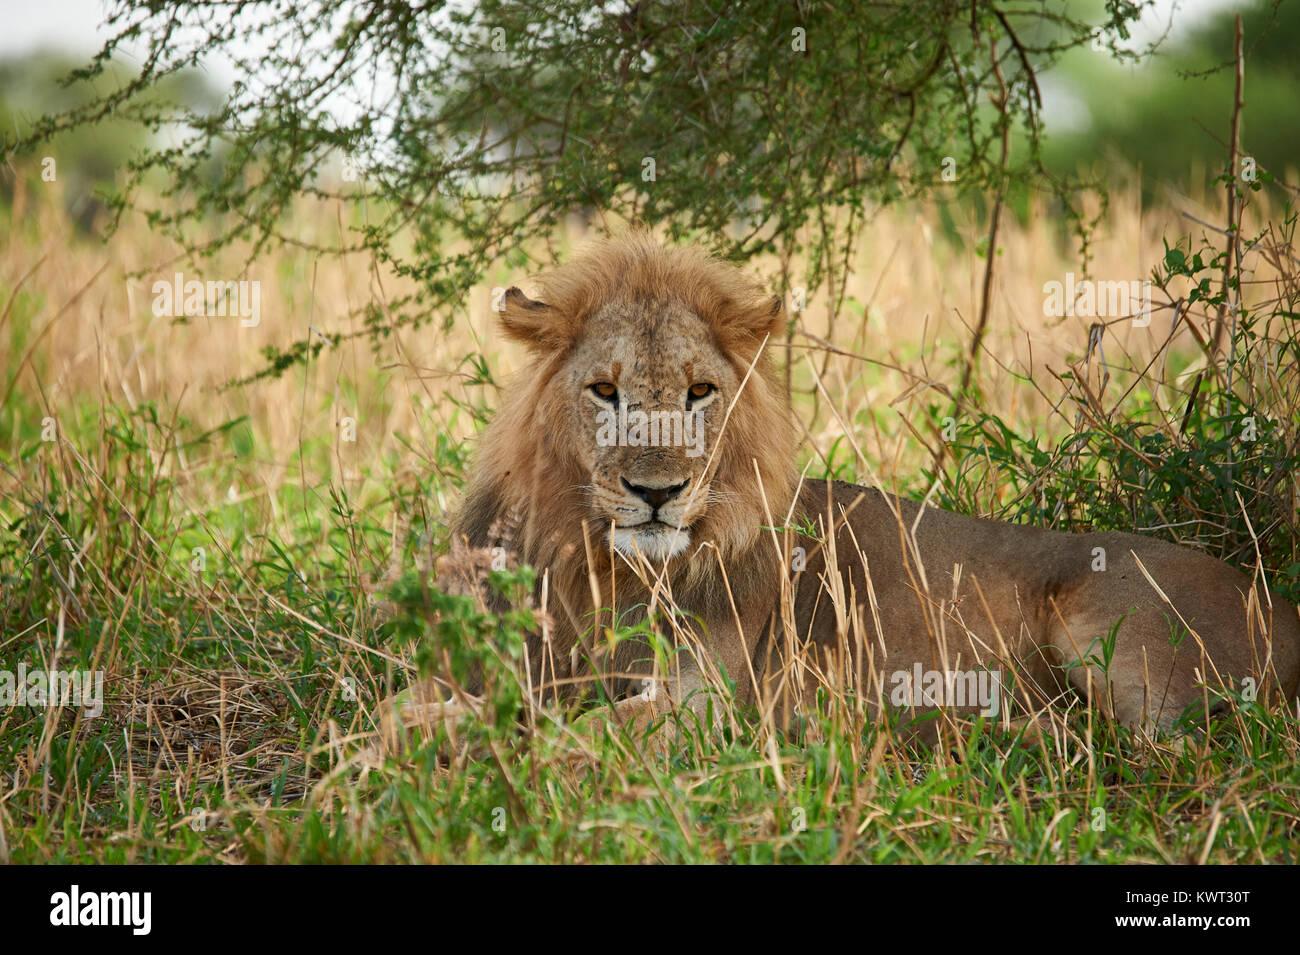 Ein wachsames männliche Löwe ruht unter einem Busch Stockbild